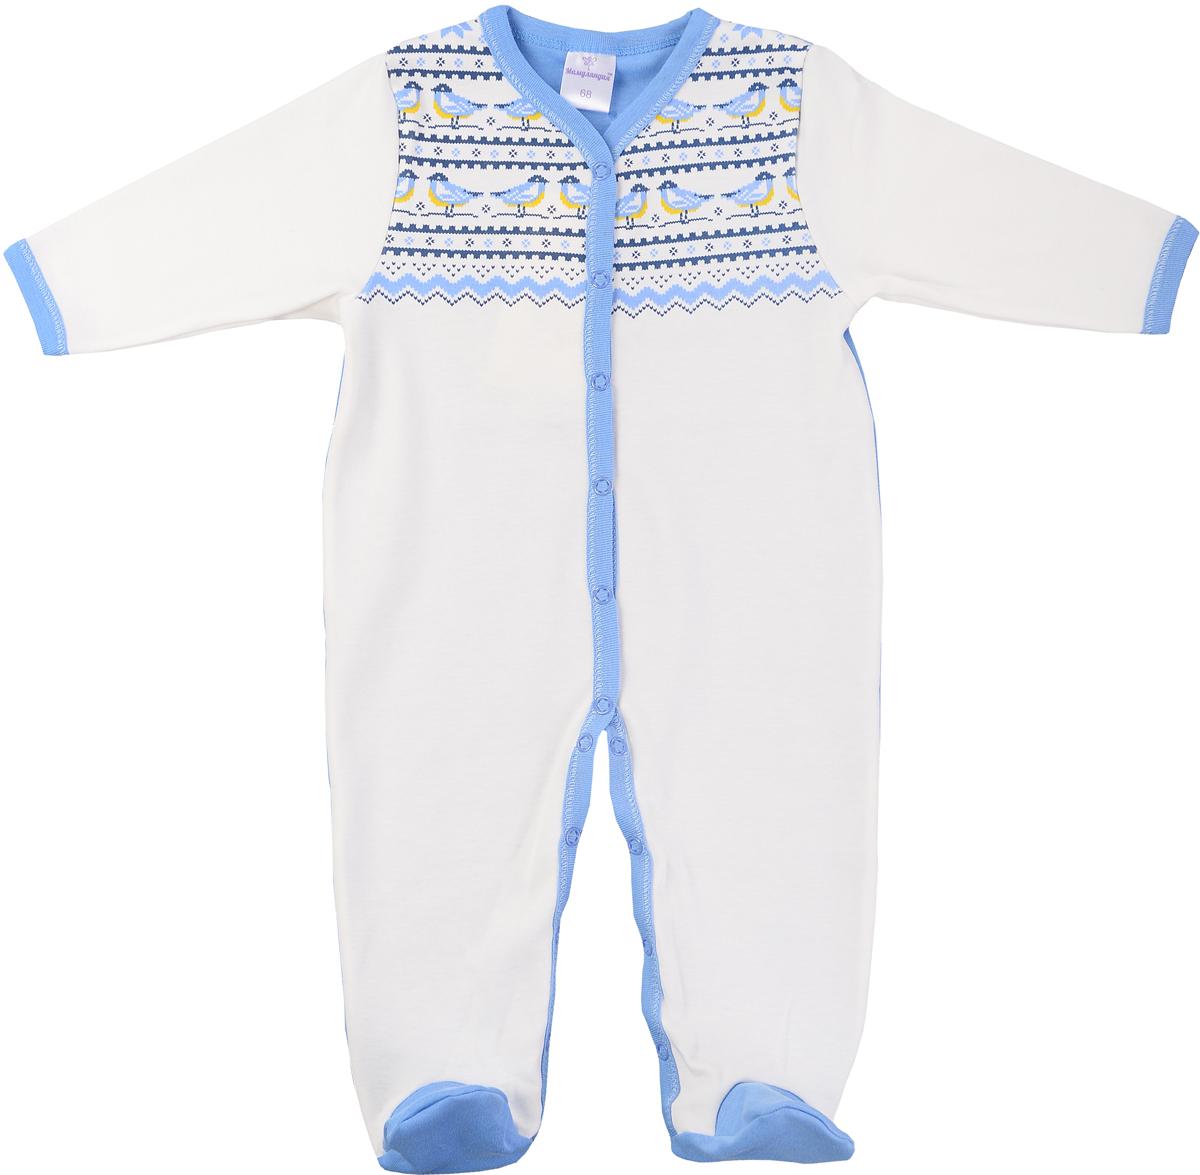 Комбинезон домашний детский Мамуляндия Зимняя, цвет: молочный, голубой. 17-502. Размер 80